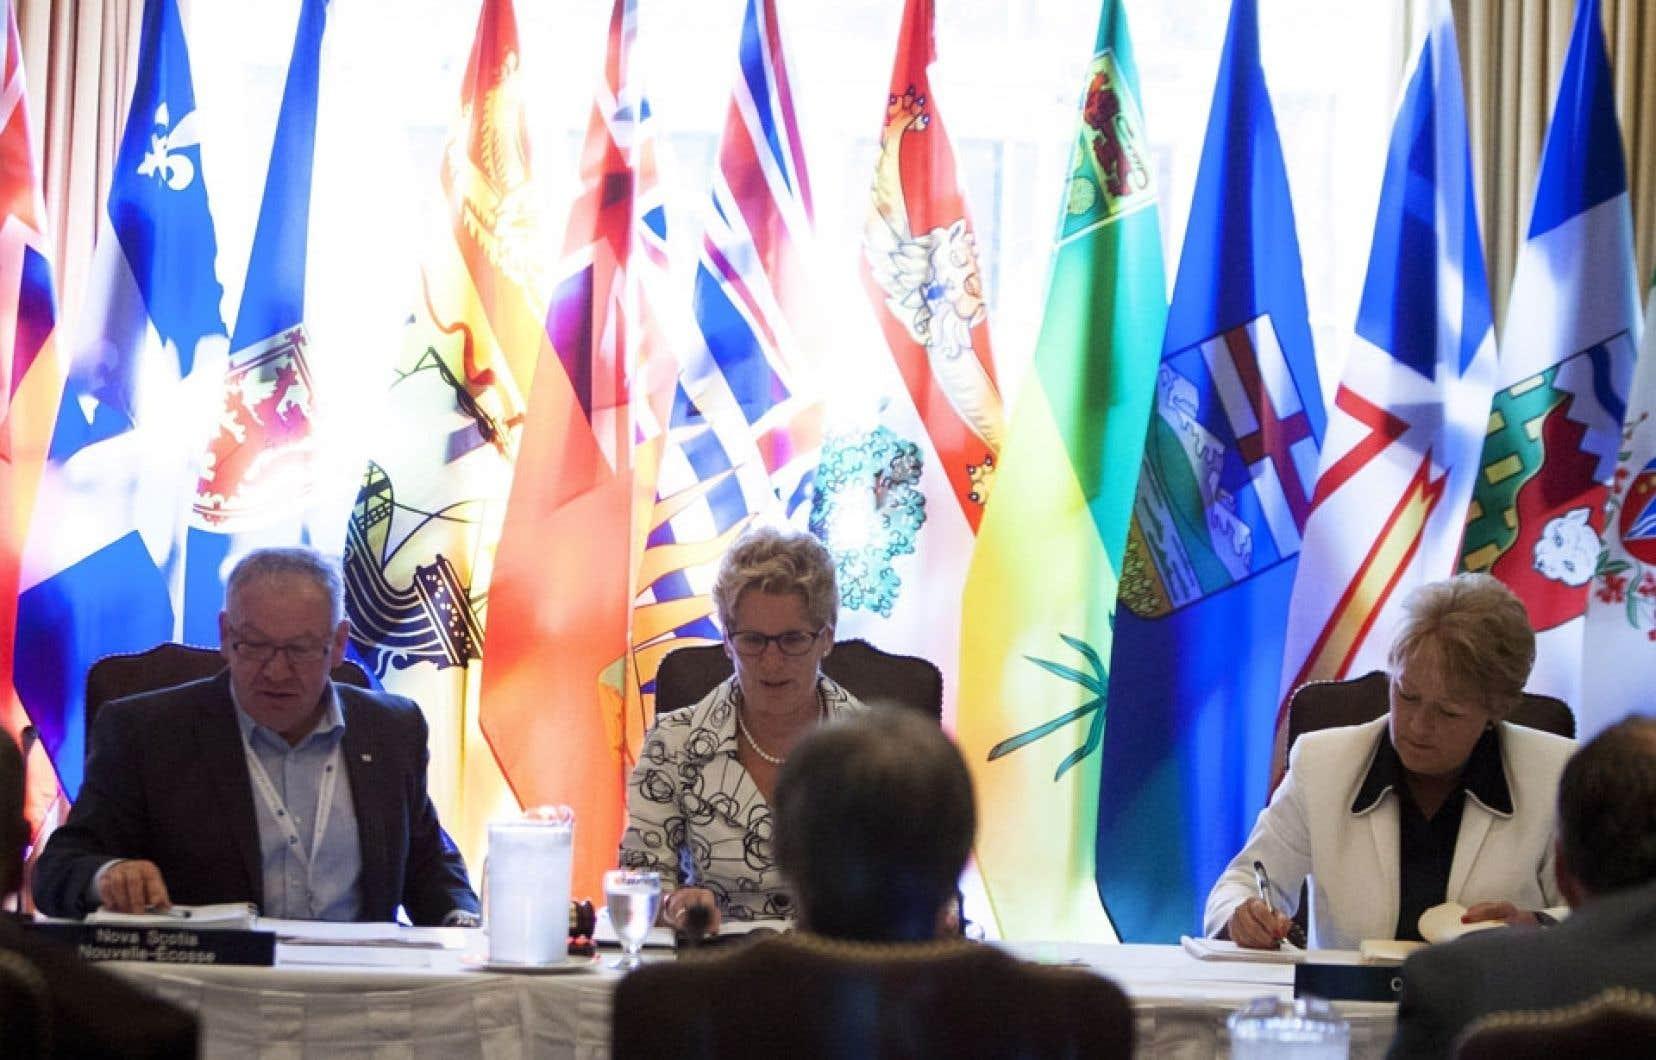 La première ministre ontarienne, Kathleen Wynne (au centre), entourée de ses homologues Darrell Dexter, de la Nouvelle-Écosse, et Pauline Marois, du Québec, lors d'une séance de travail jeudi.